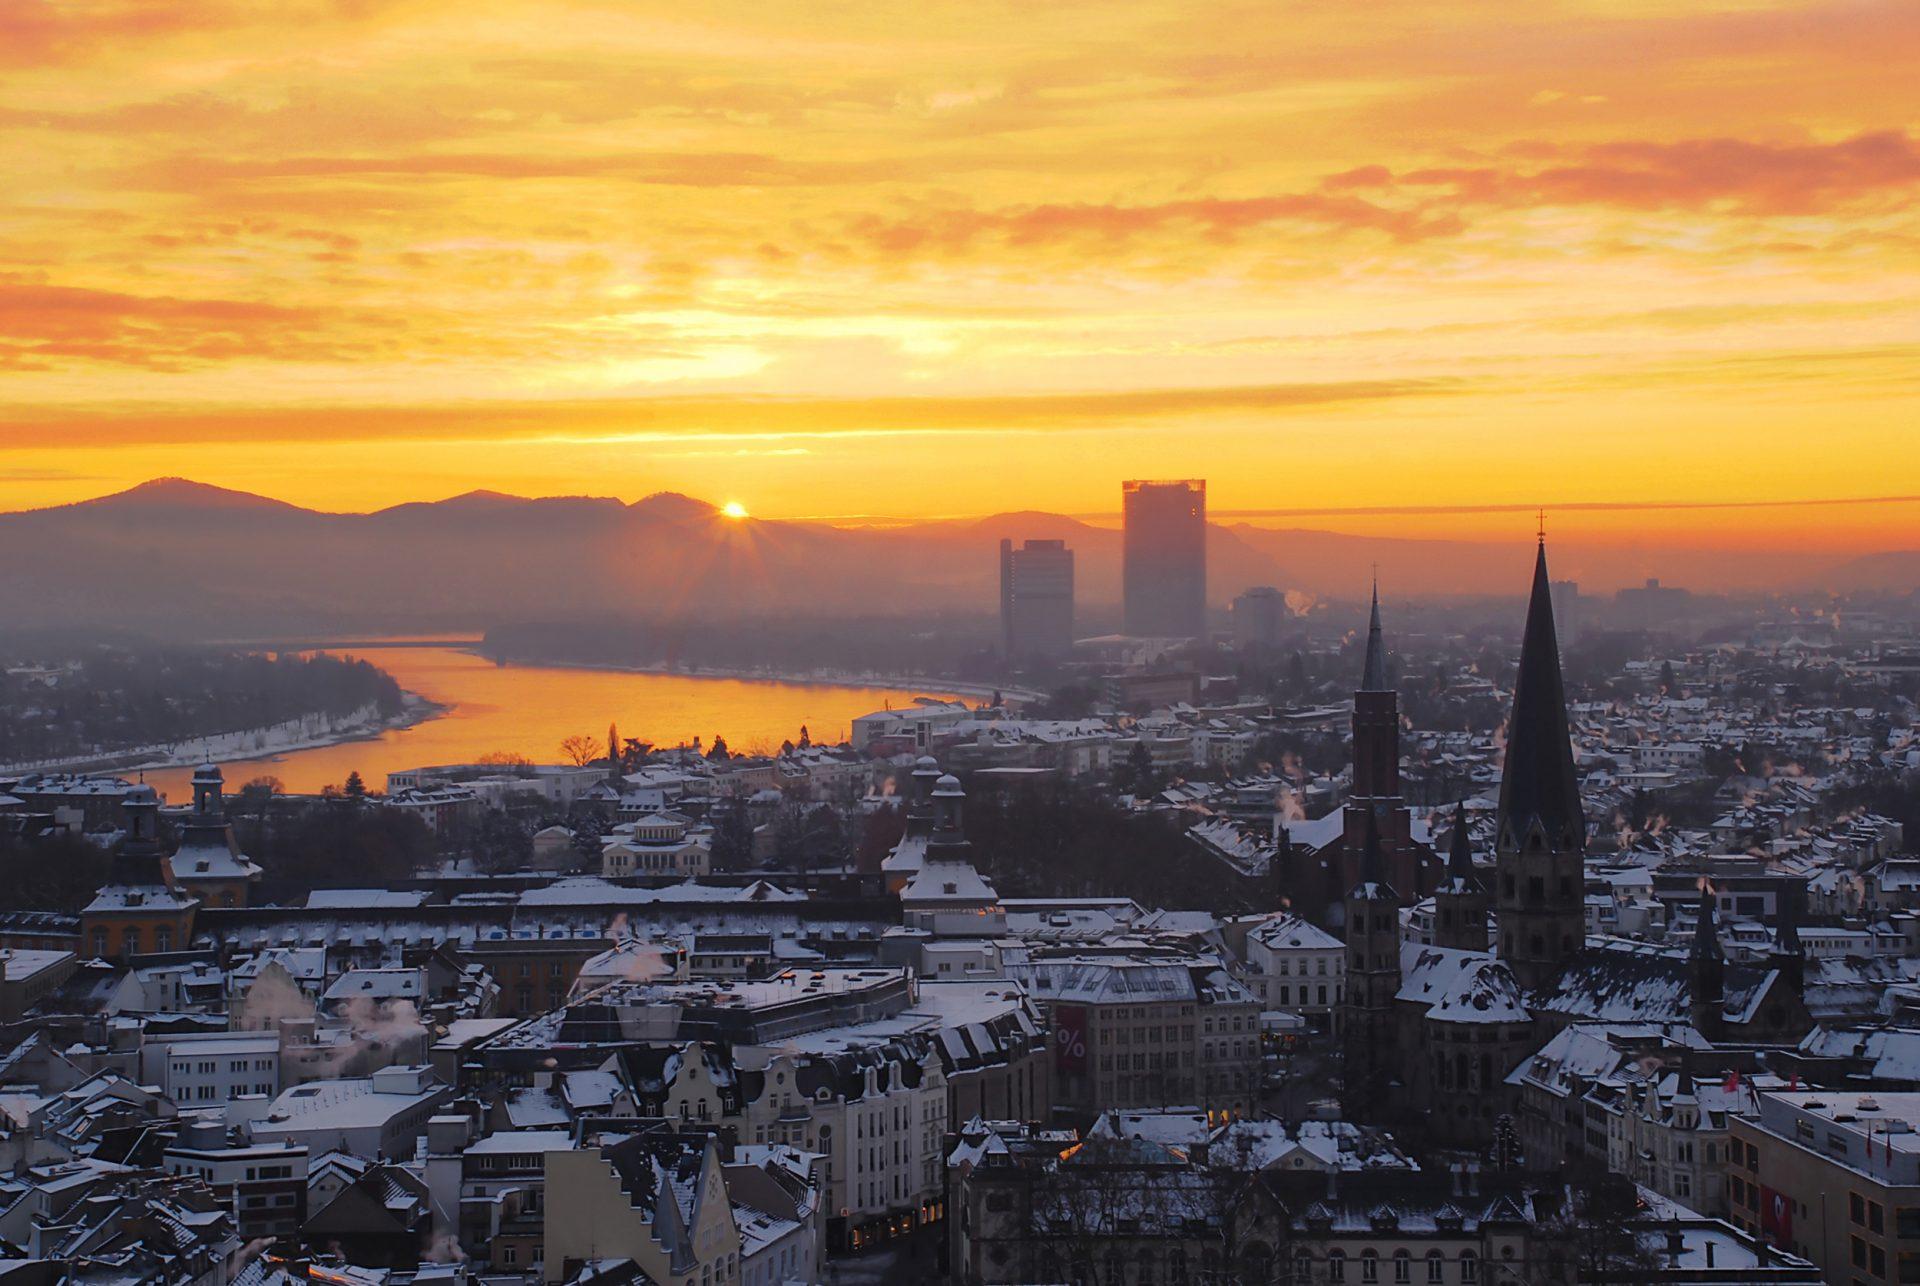 Zepper-sunrise-over-the-niveous-city-of-bonn-e1516028293949